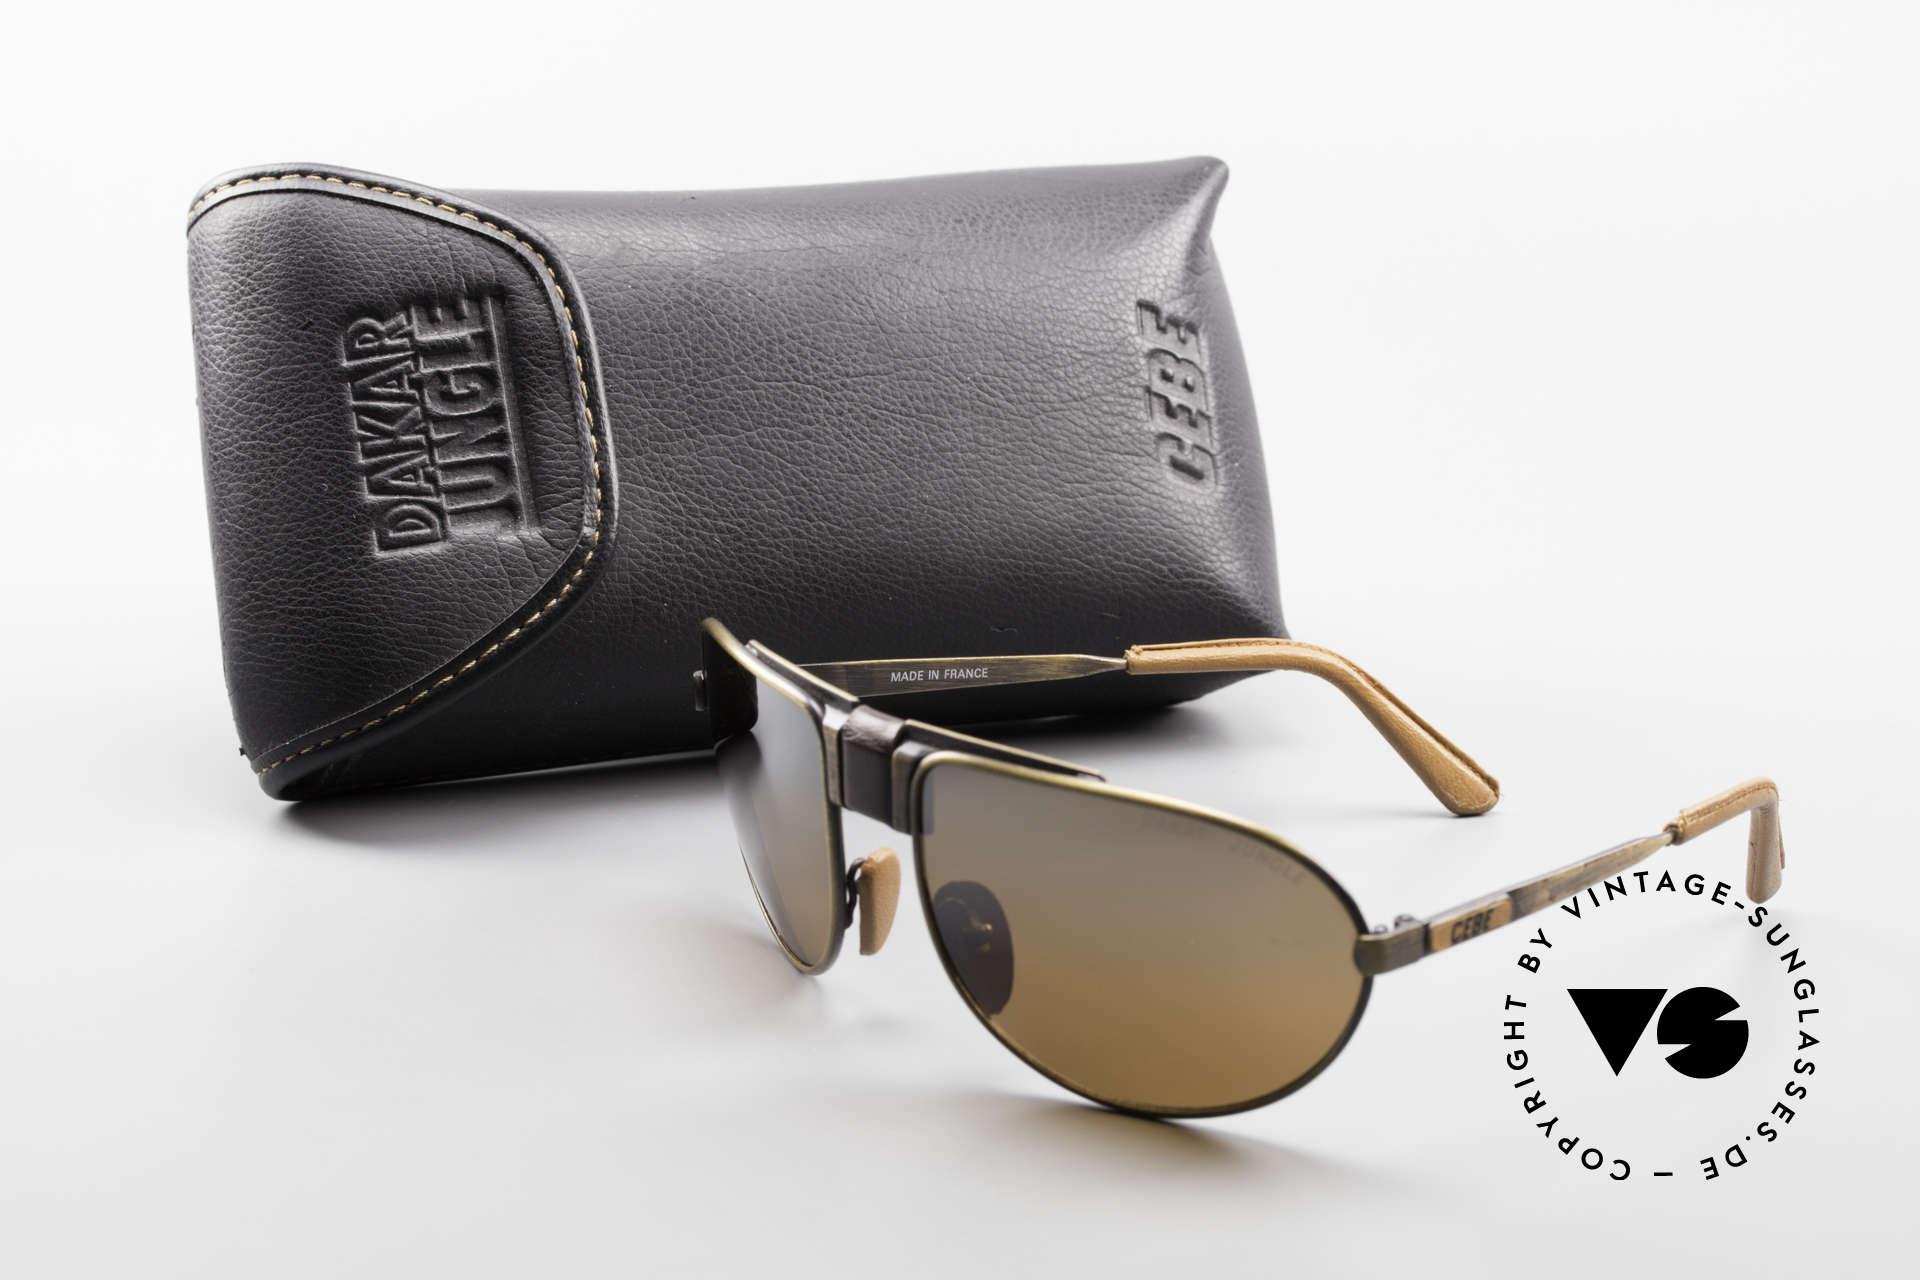 Cebe Dakar Jungle QD01 High-Tech Racing Sunglasses, Size: small, Made for Men and Women